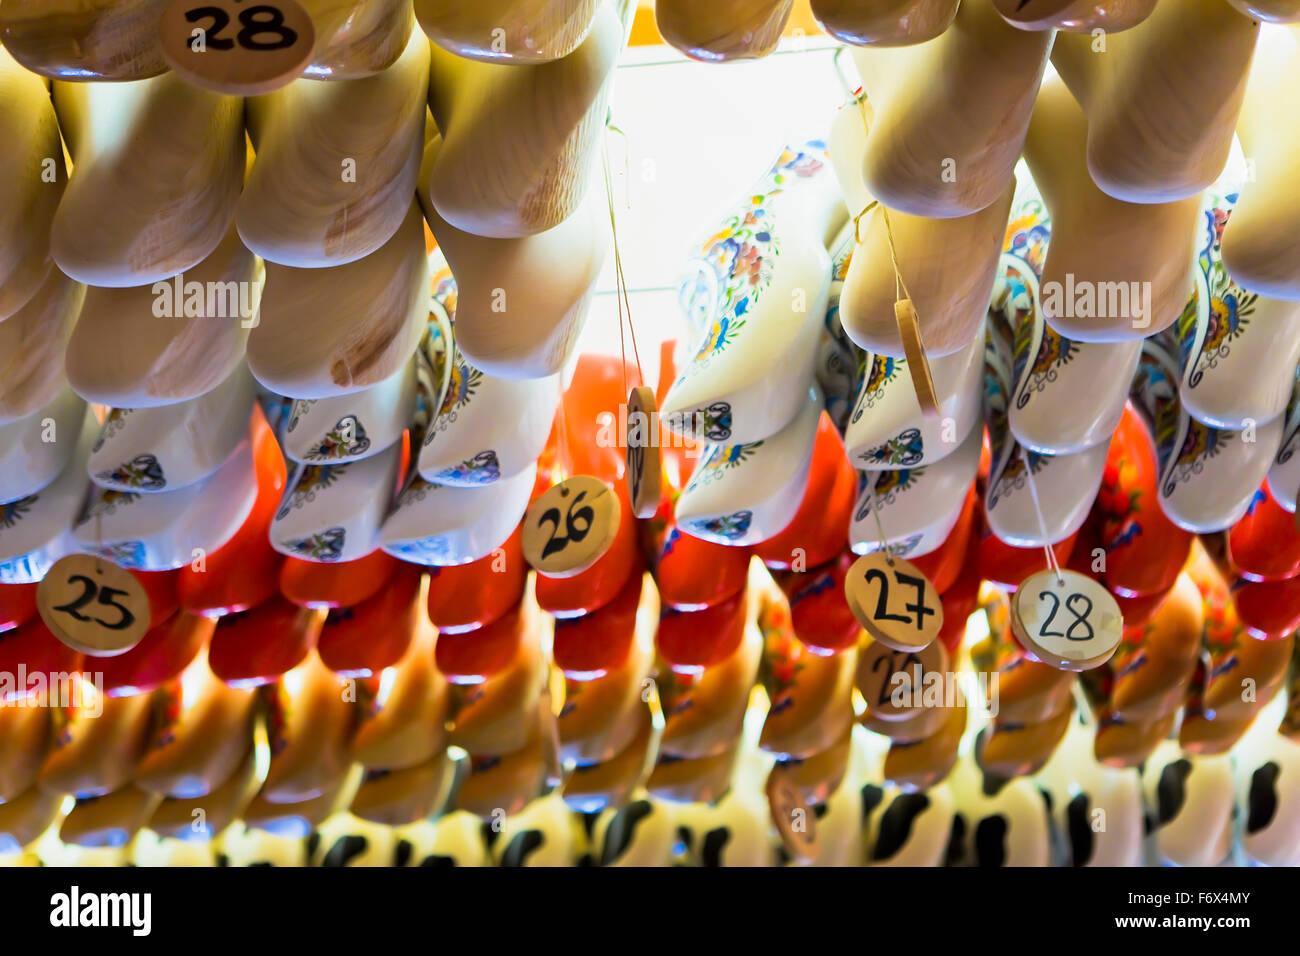 Zoccoli in vendita Immagini Stock